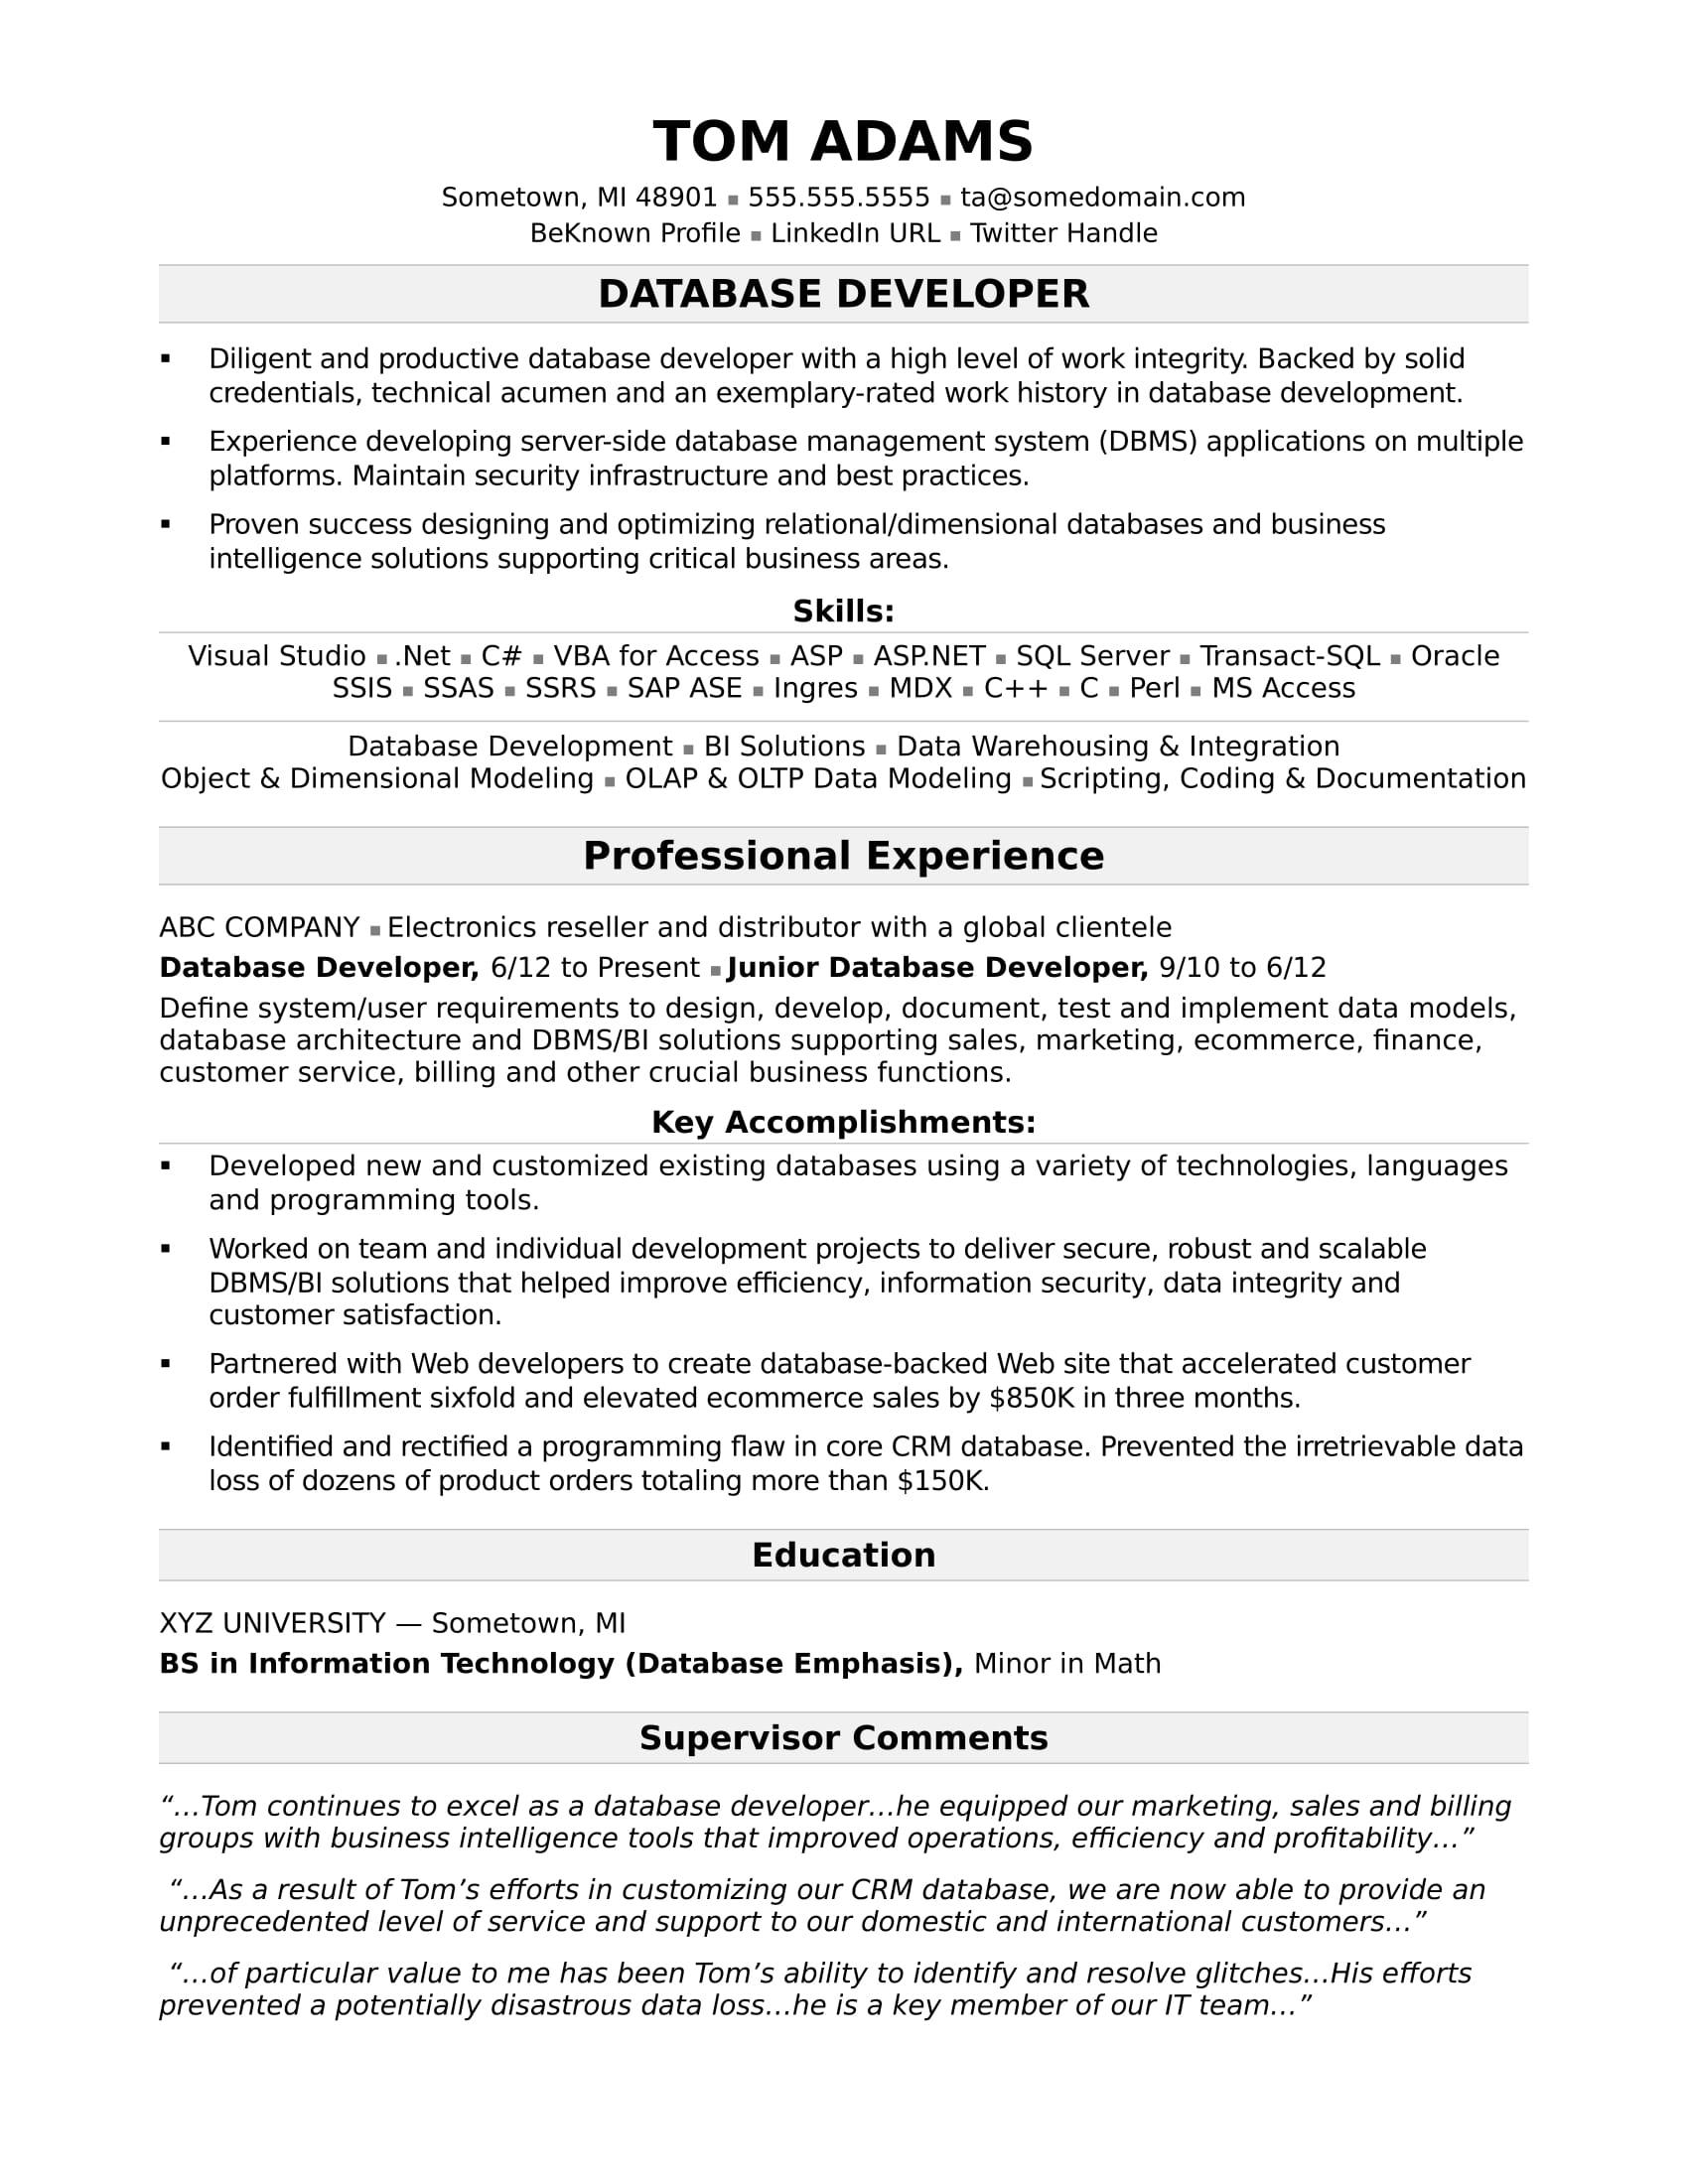 minor on resume sample